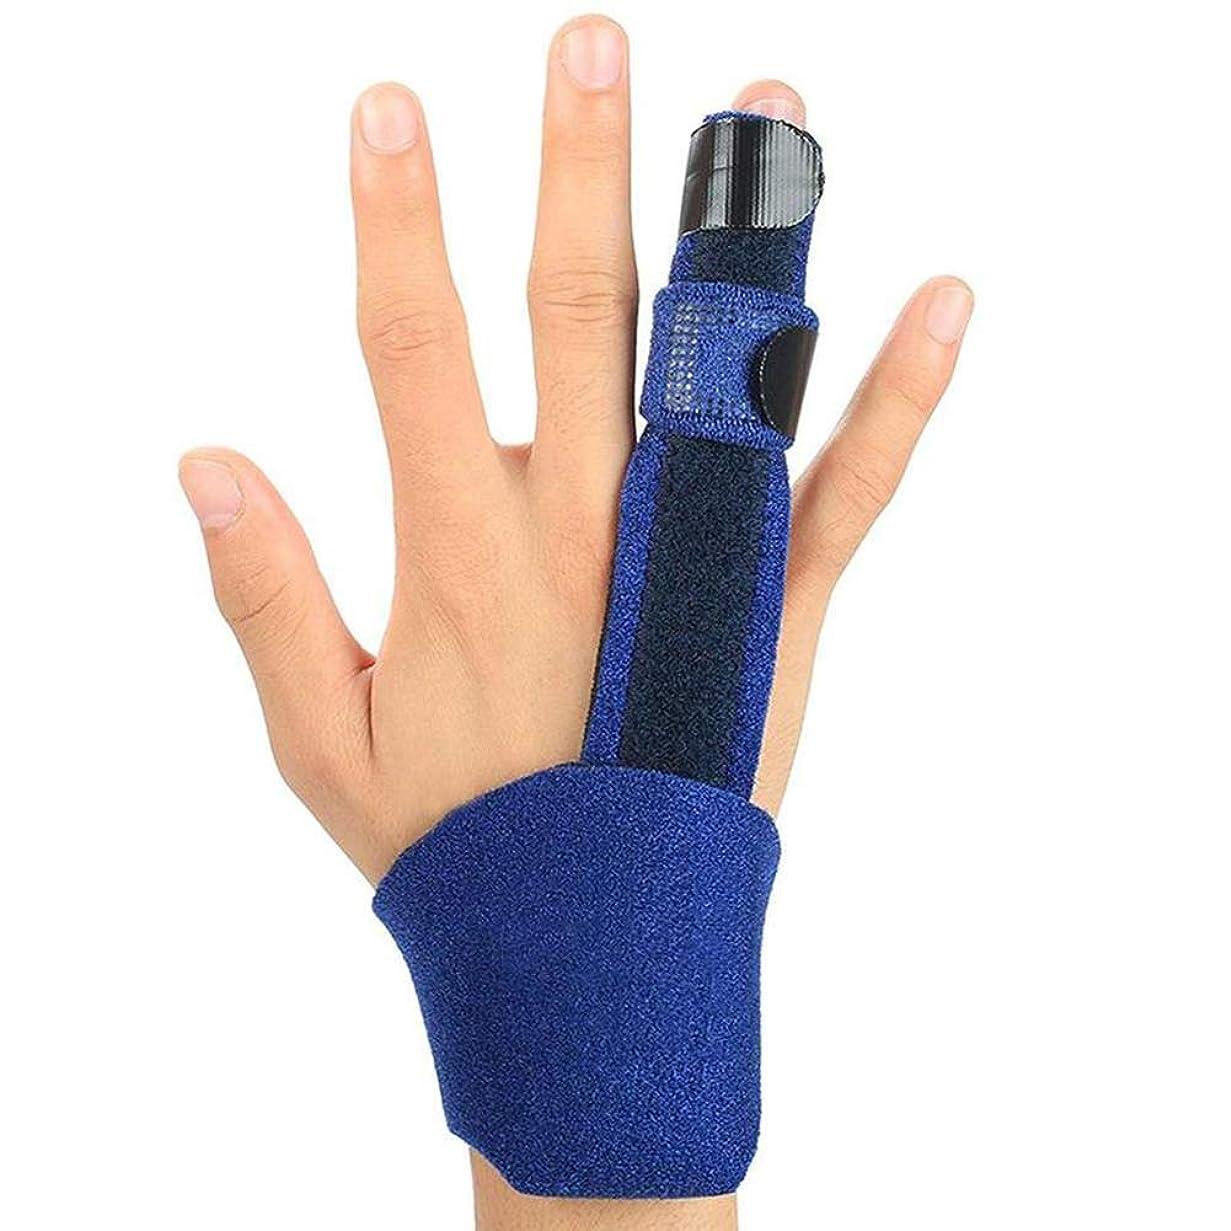 ファブリックとまり木領事館トリガー指スプリント、内蔵のアルミニウムを備えた調節可能な固定ベルト、腱炎、骨折または骨折した指の痛みを軽減します。